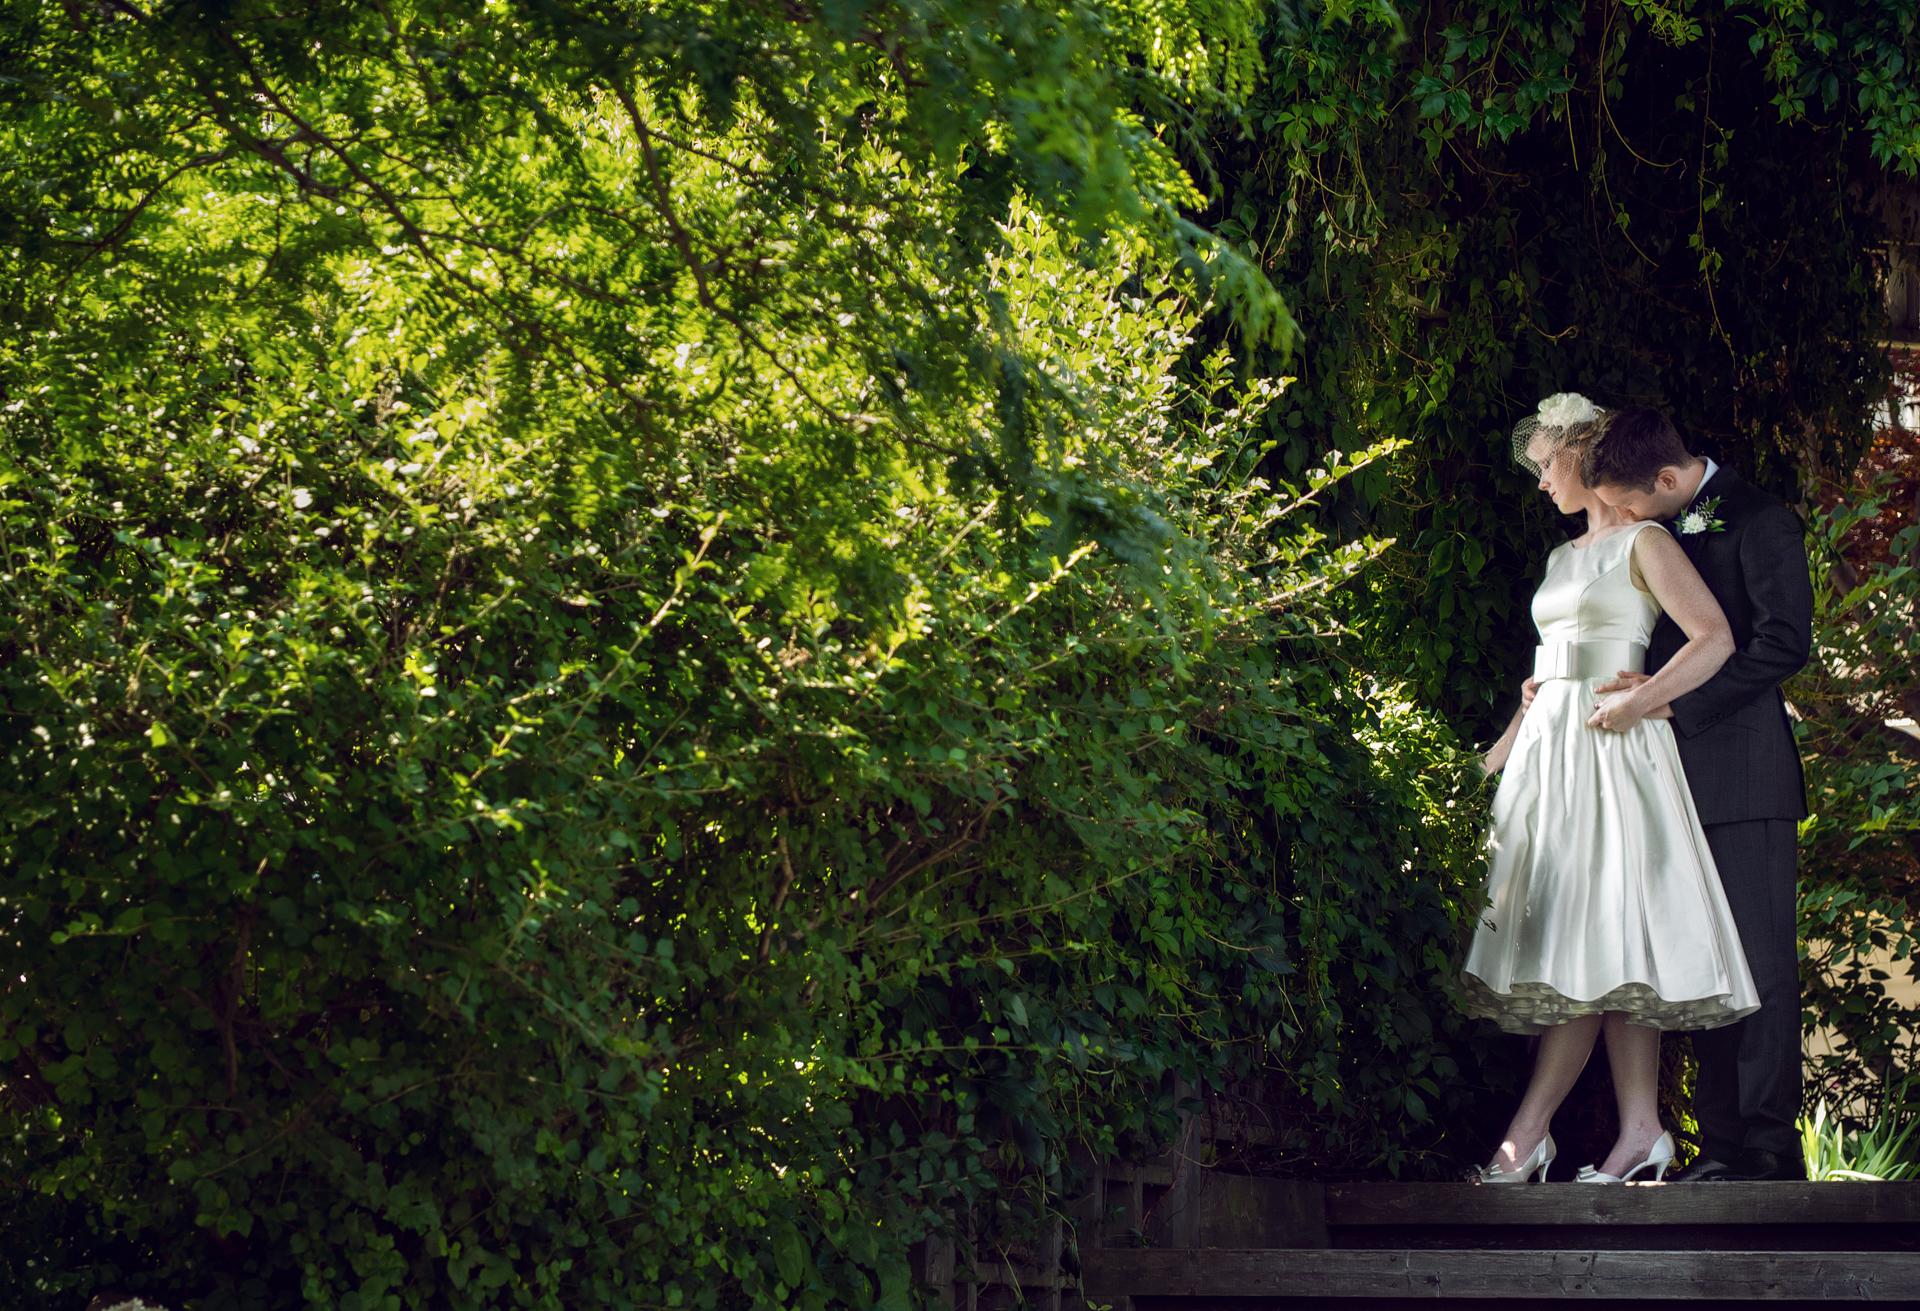 Meaford_Summer_Wedding_017